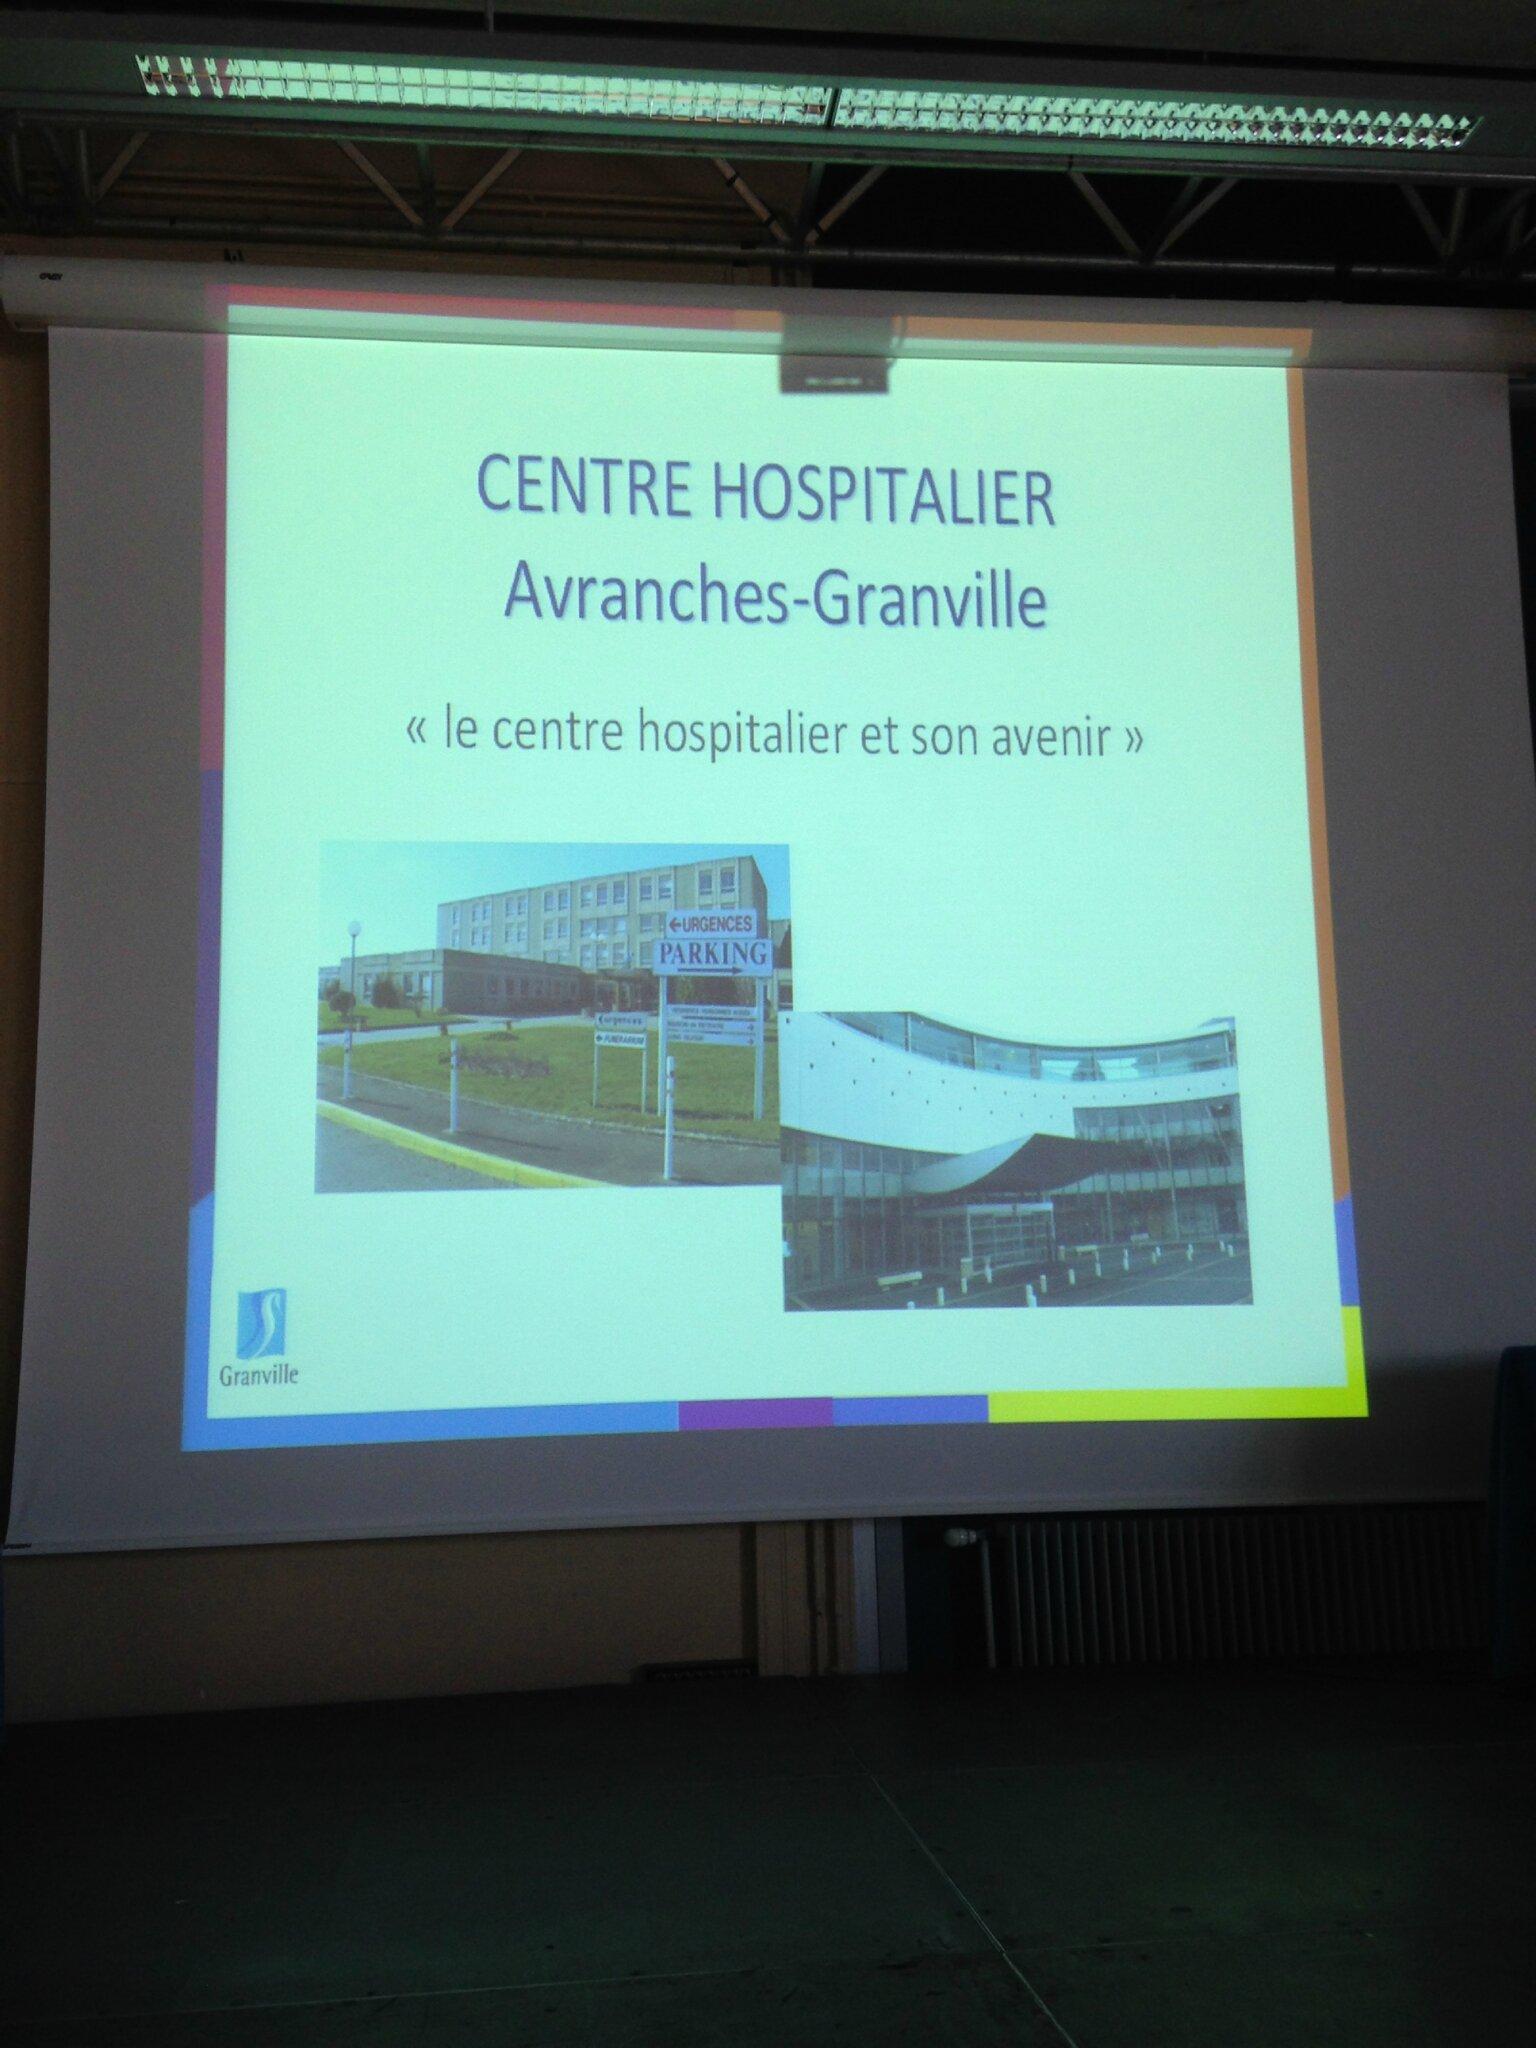 réunion publique devenir hôpital Granville Avranches 11 mai 2015